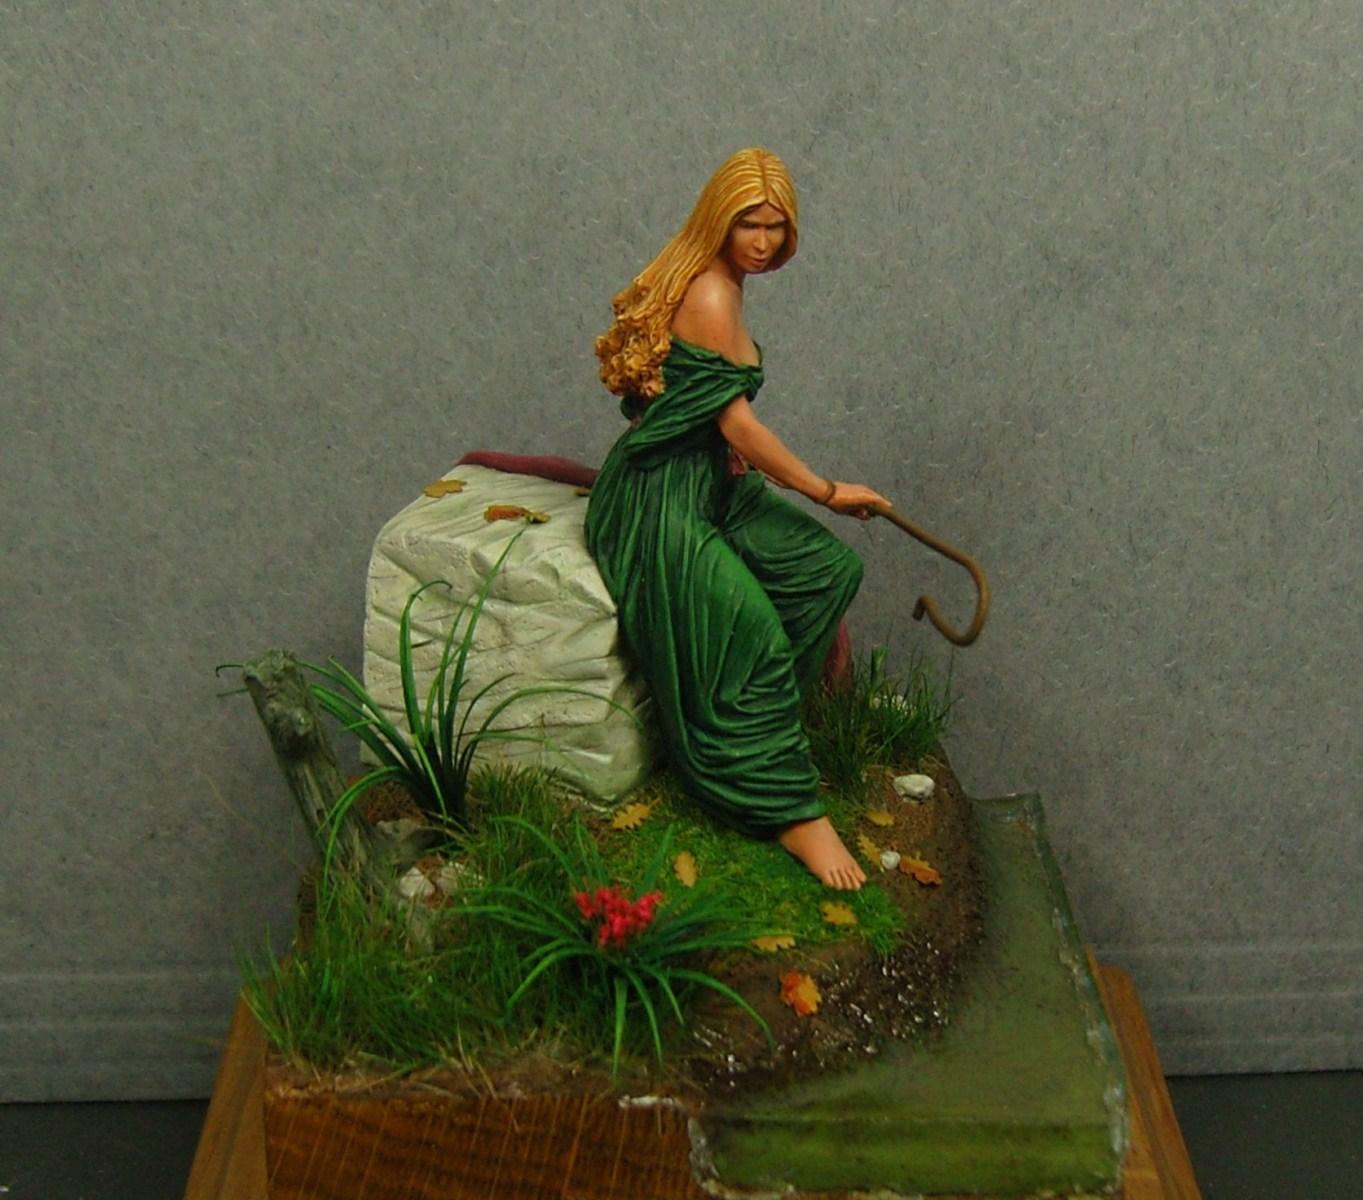 déesse grecque (Historic Art) - Page 2 120201014042699799377597